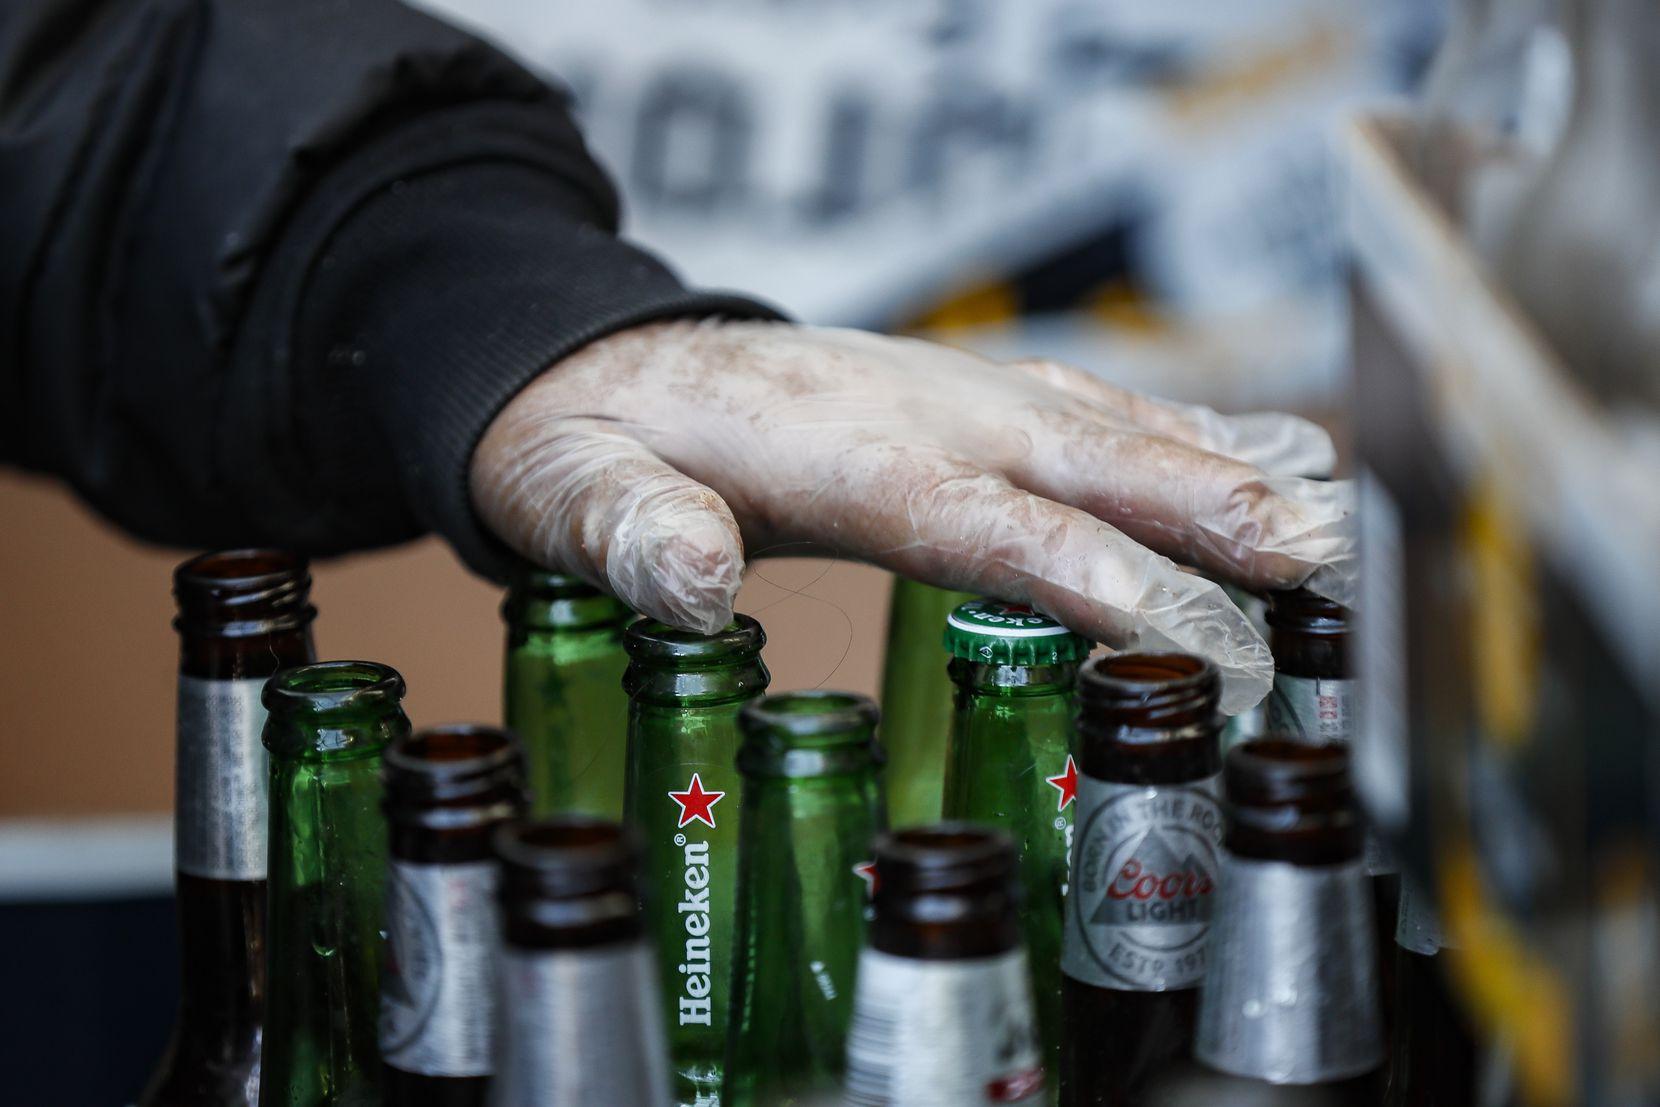 Josefa Teco organiza botellas en Sure We Can, un centro de recepción sin ánimo de lucro en Brooklyn, el jueves 27 de febrero de 2020, en Nueva York. (AP Foto/John Minchillo)